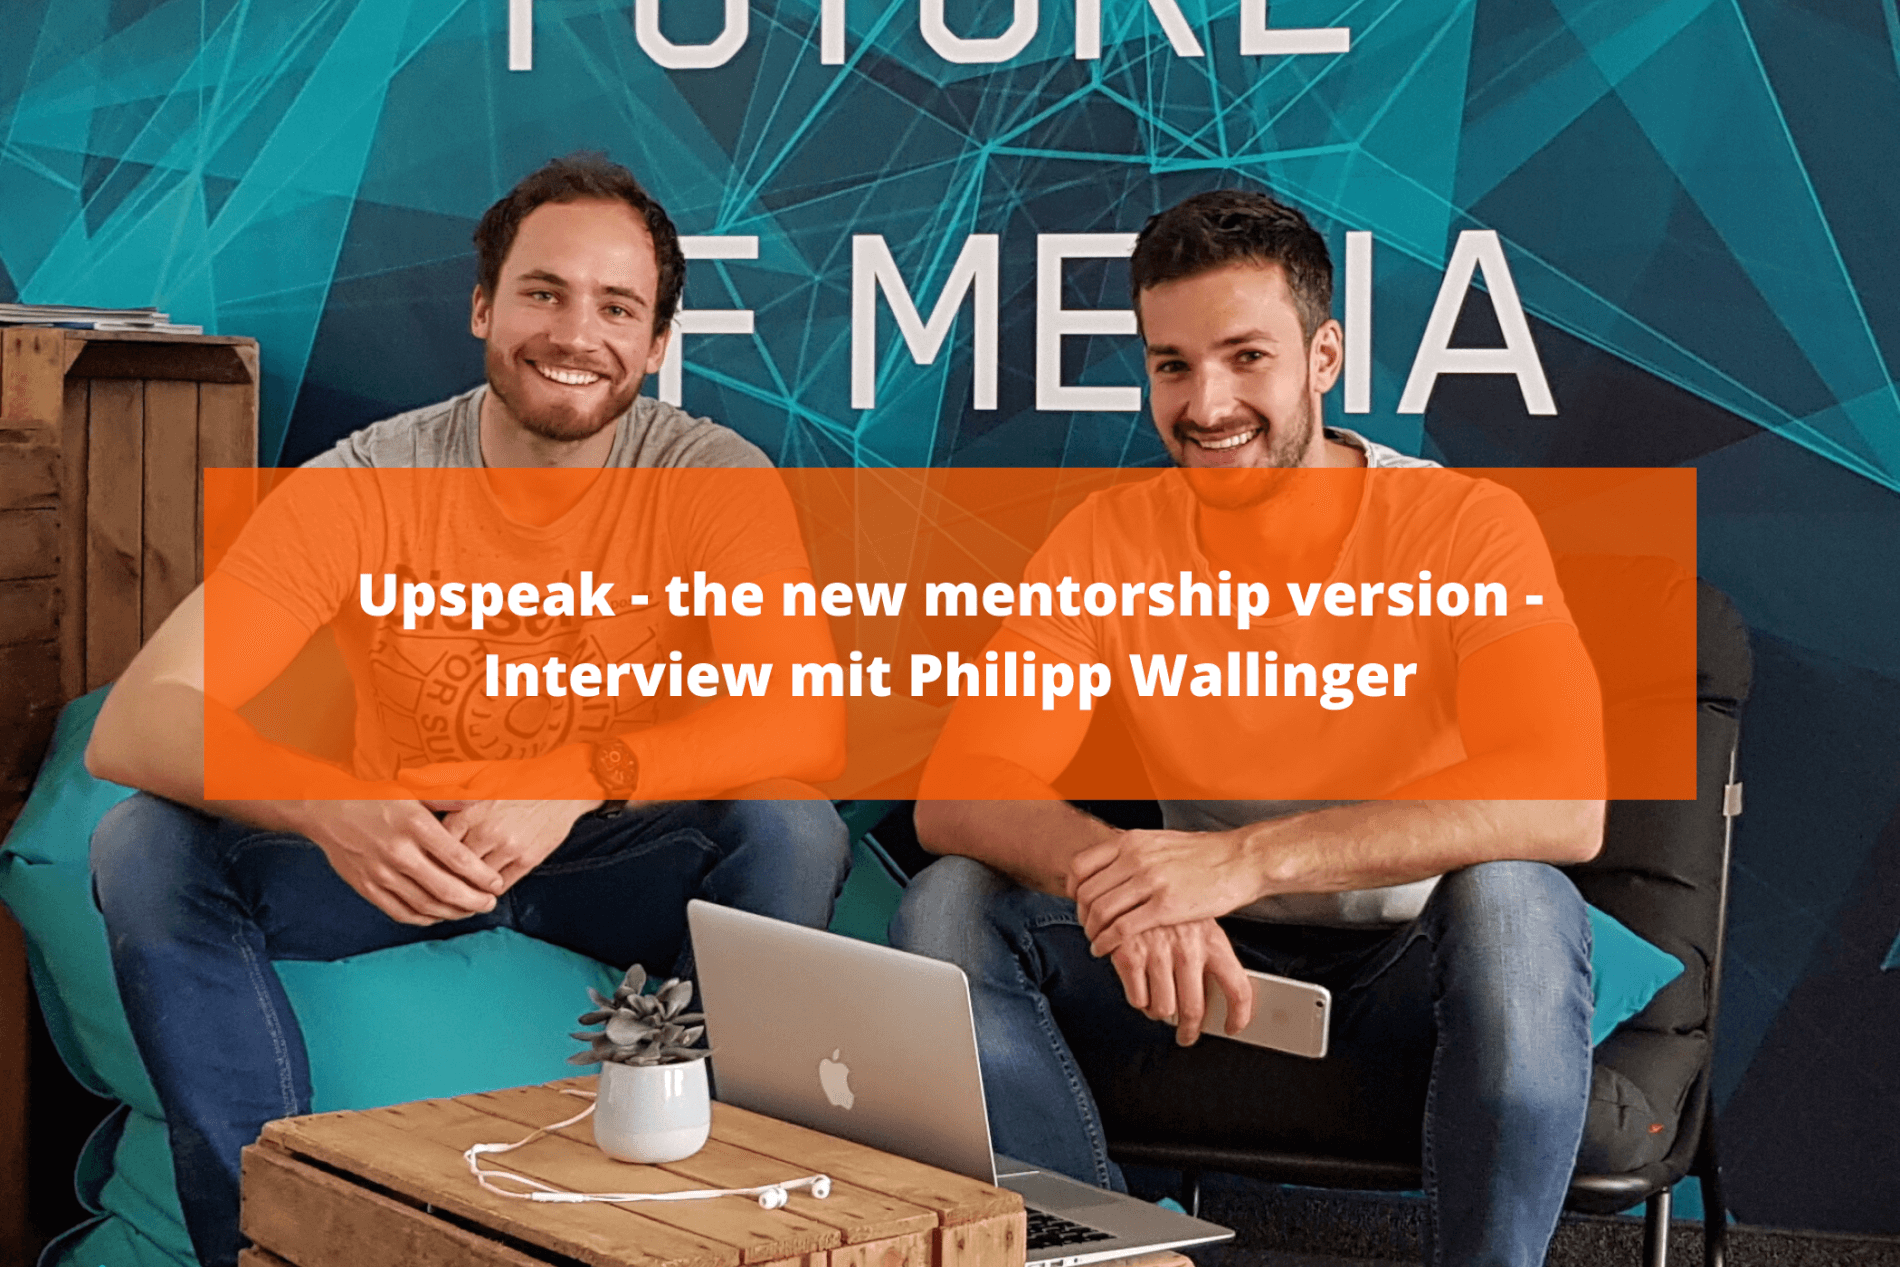 Upspeak - the new mentorship version - Interview mit Philipp Wallinger